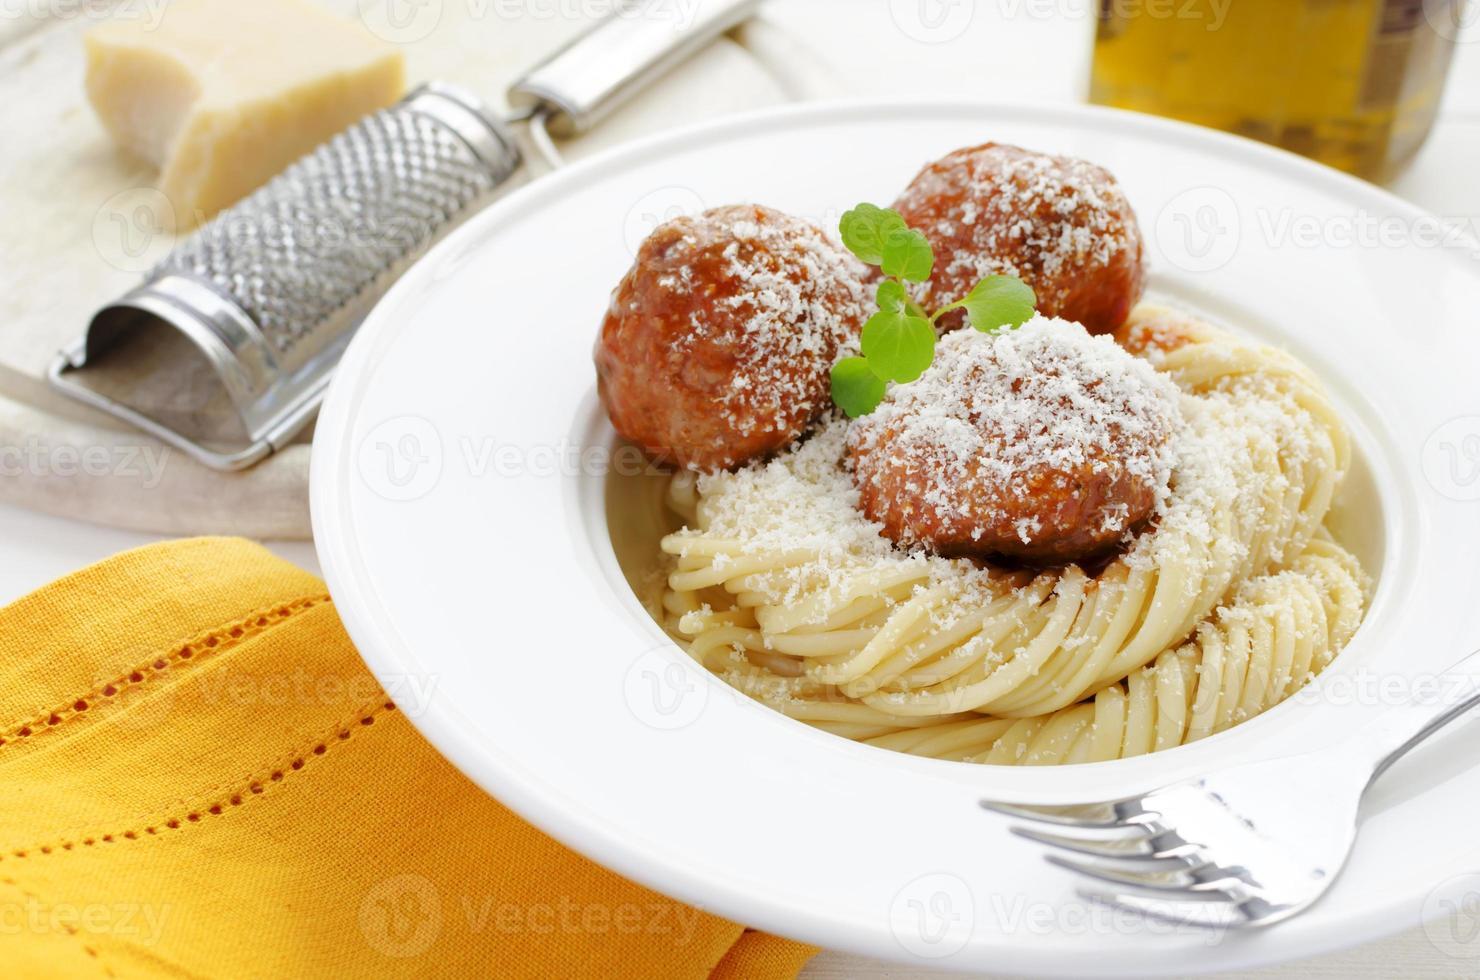 Nudeln mit Fleischbällchen in Tomatensauce, Brunnenkresse und Parmesan foto